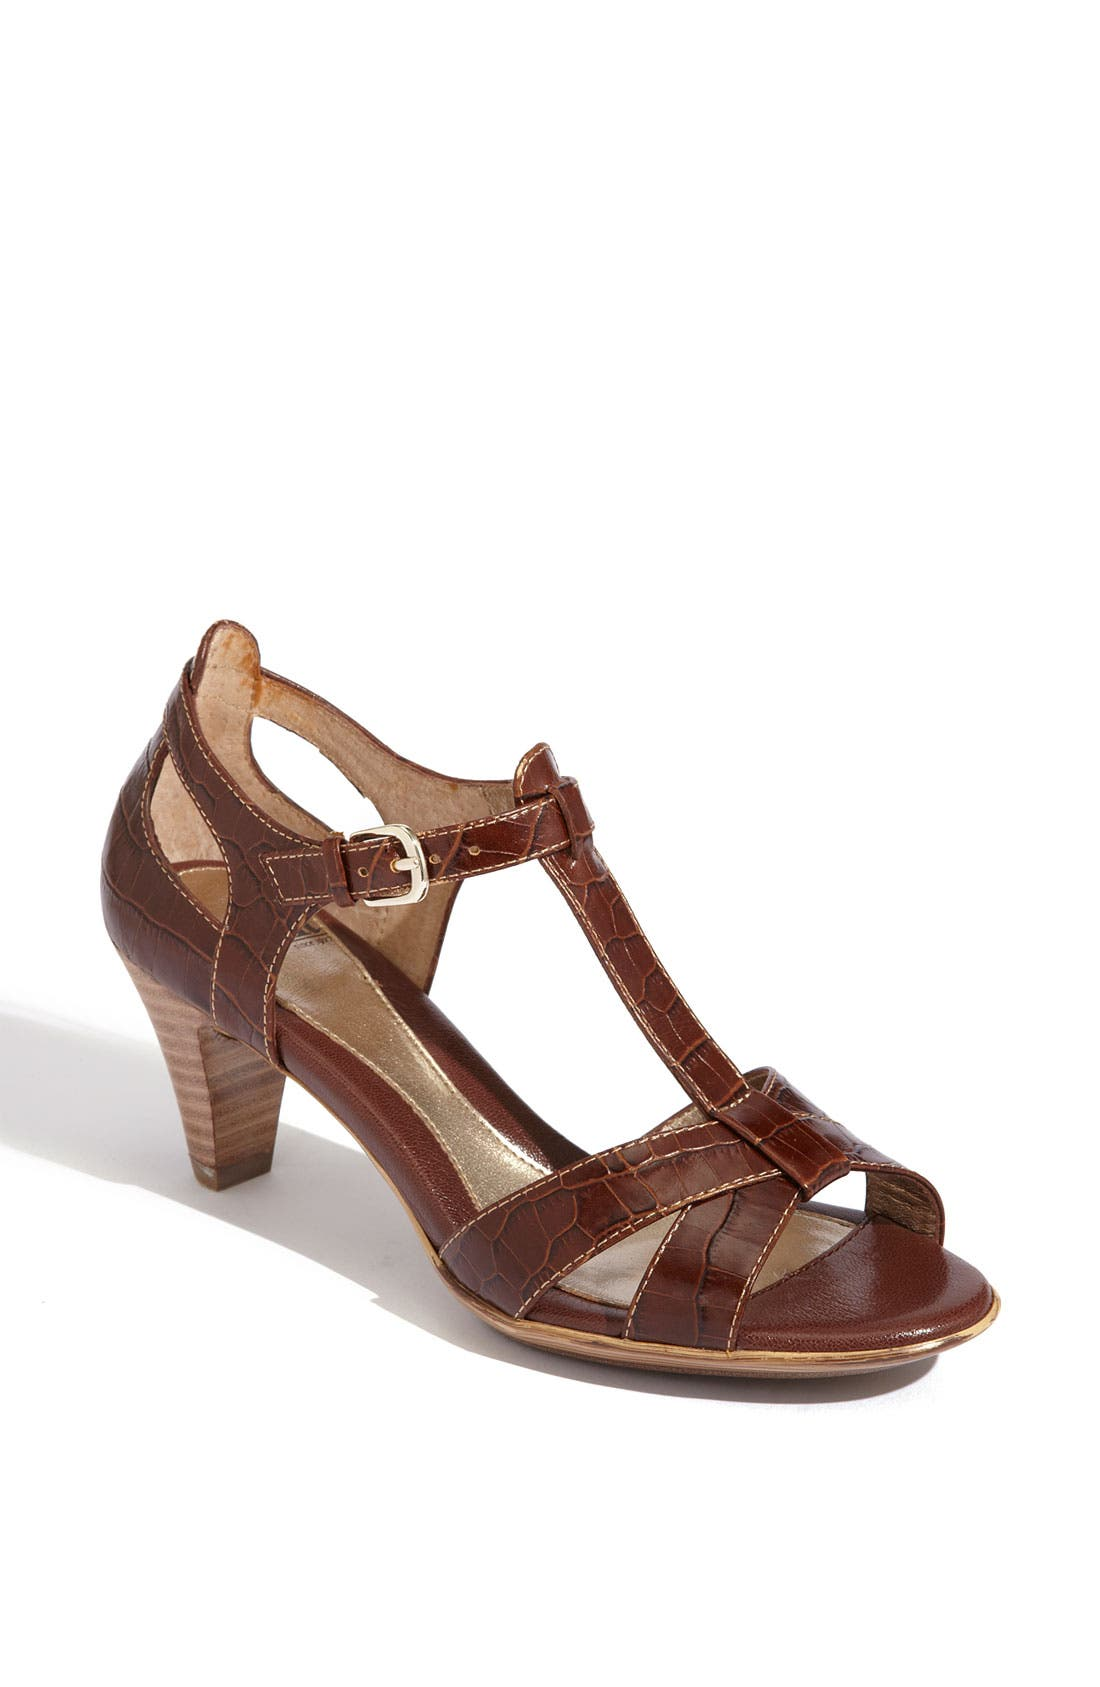 Main Image - Söfft 'Amble' Sandal